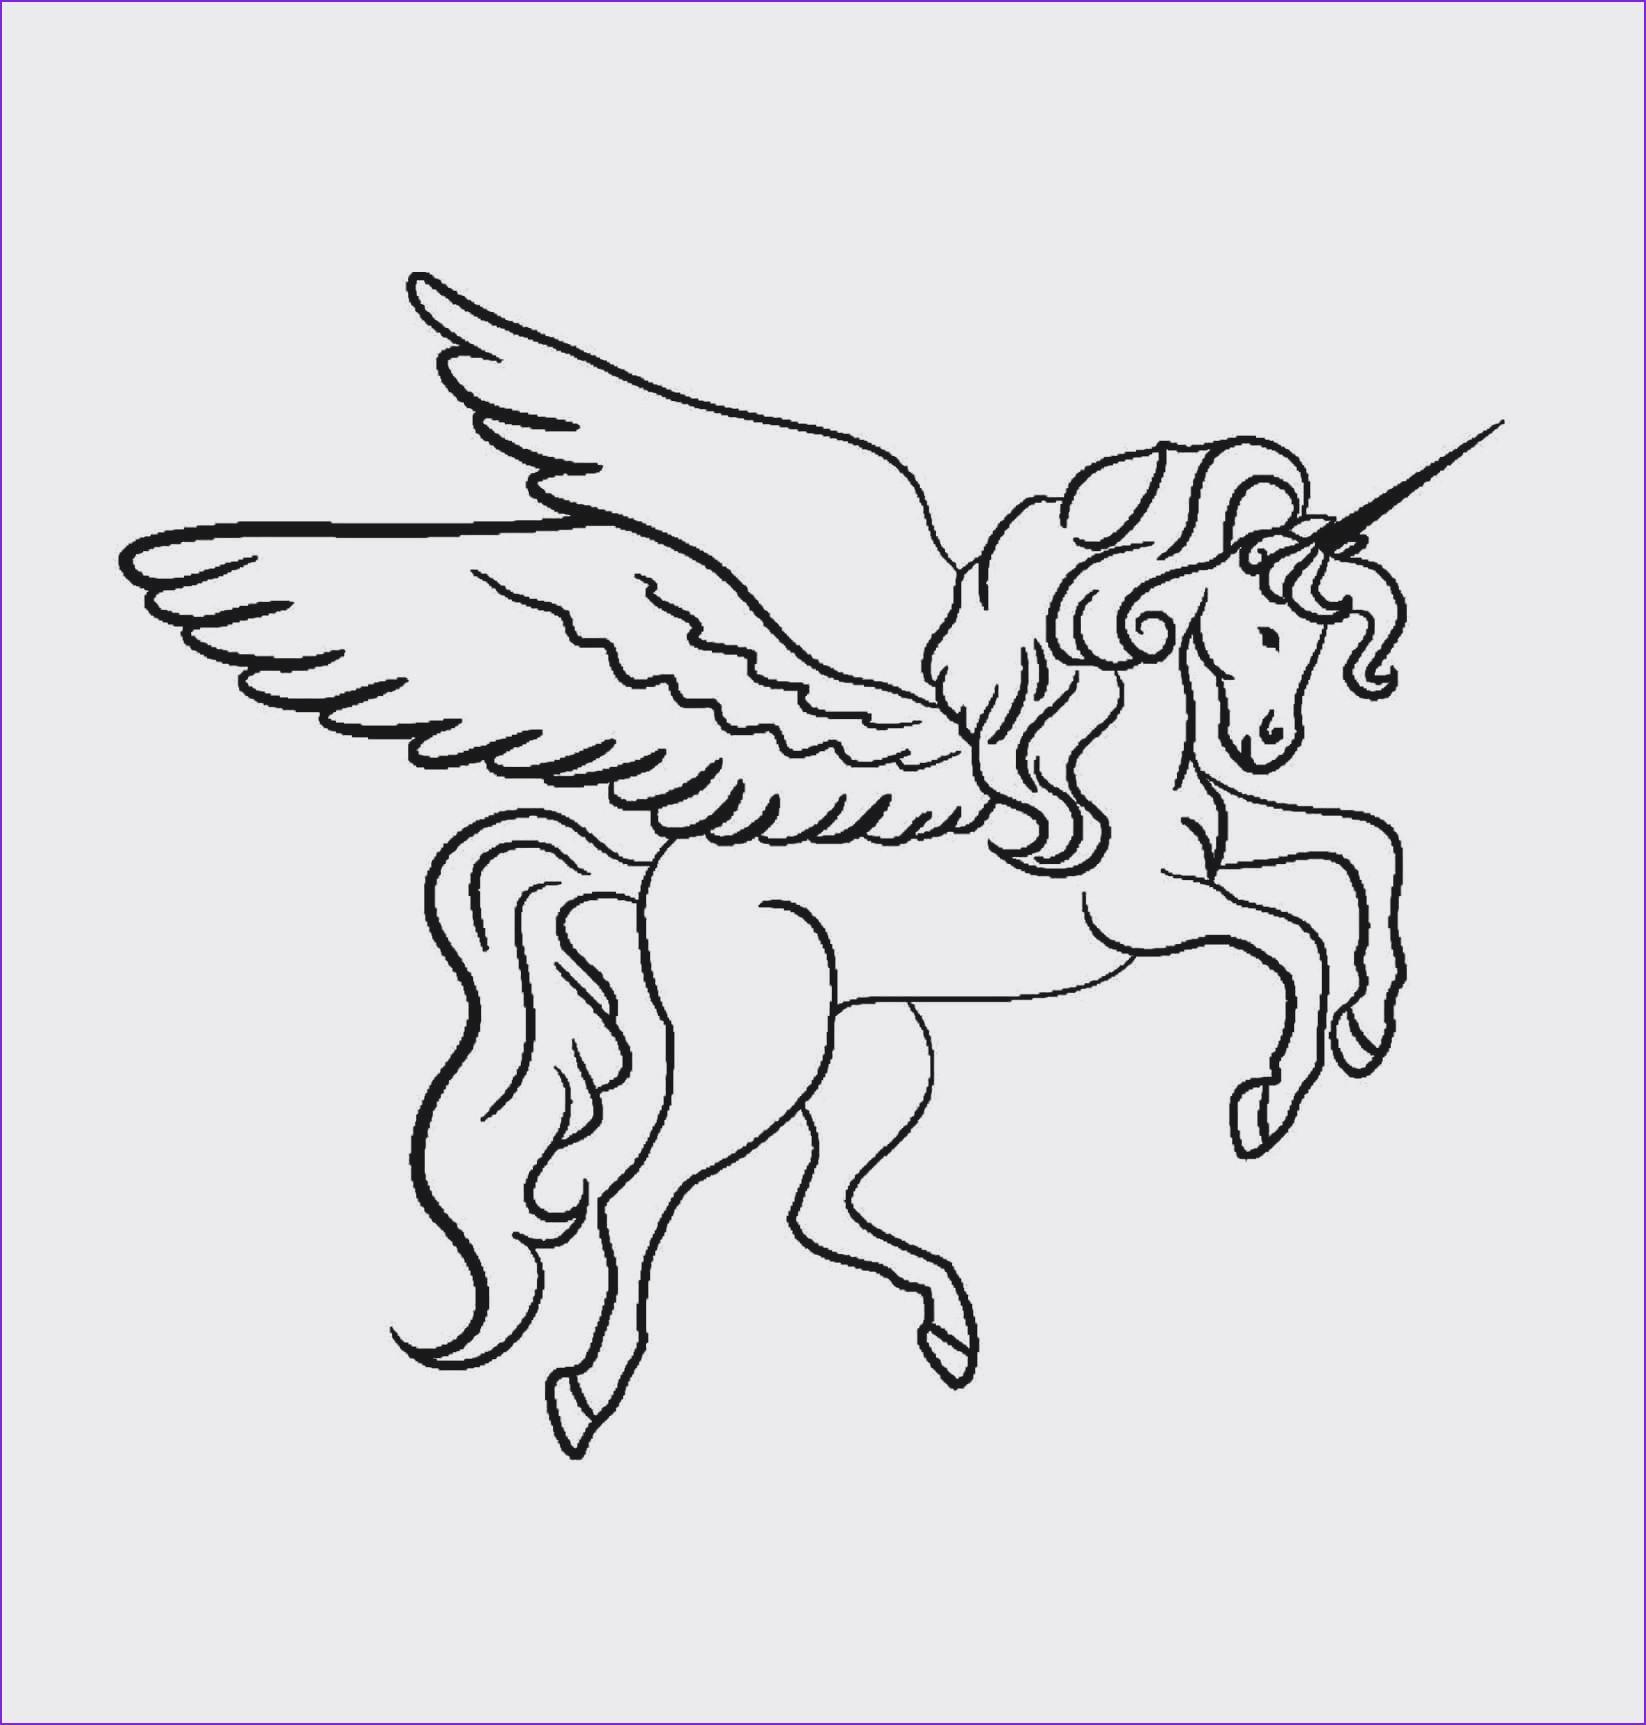 Pegasus Zum Ausmalen Einzigartig Bilder Zum Ausmalen Bekommen Einhorn Malvorlagen Das Bild